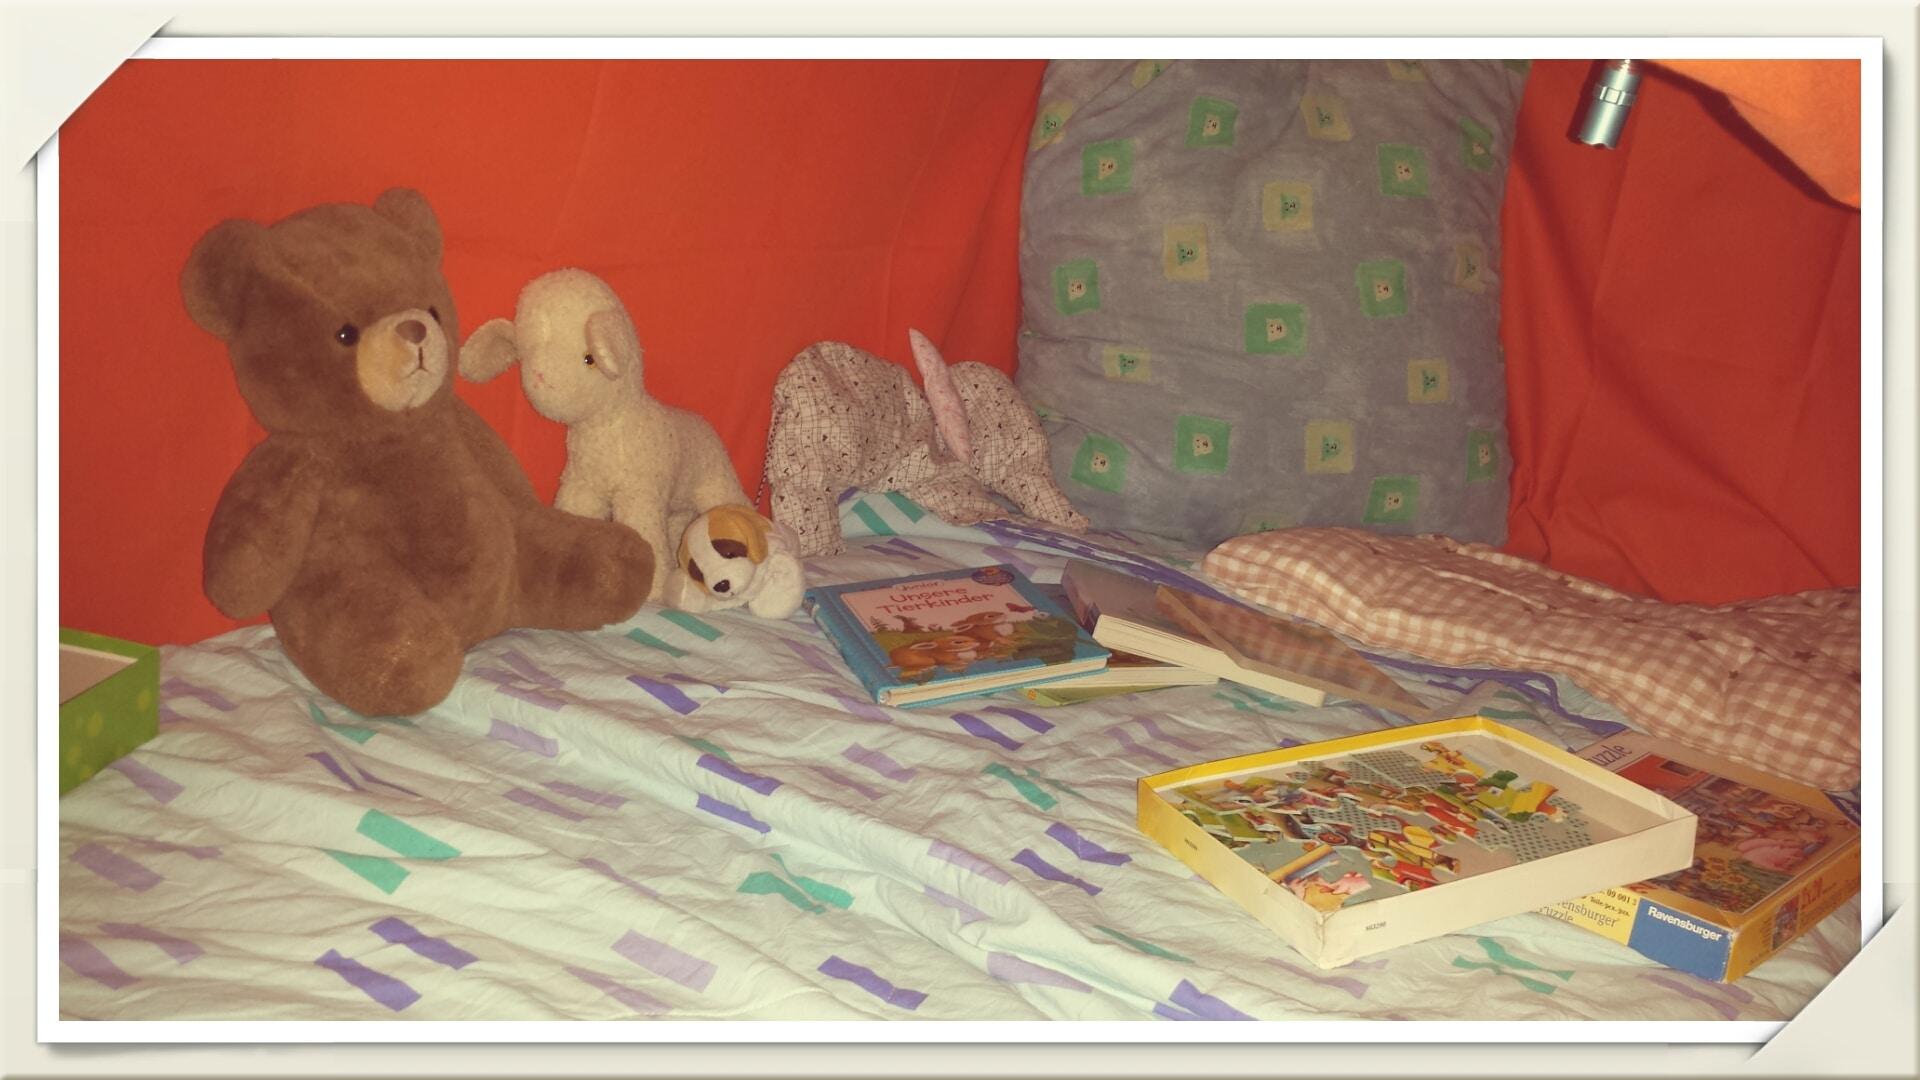 Homestory unser kinderzimmer ist bunt gebraucht und - Kuschelhohle kinderzimmer ...